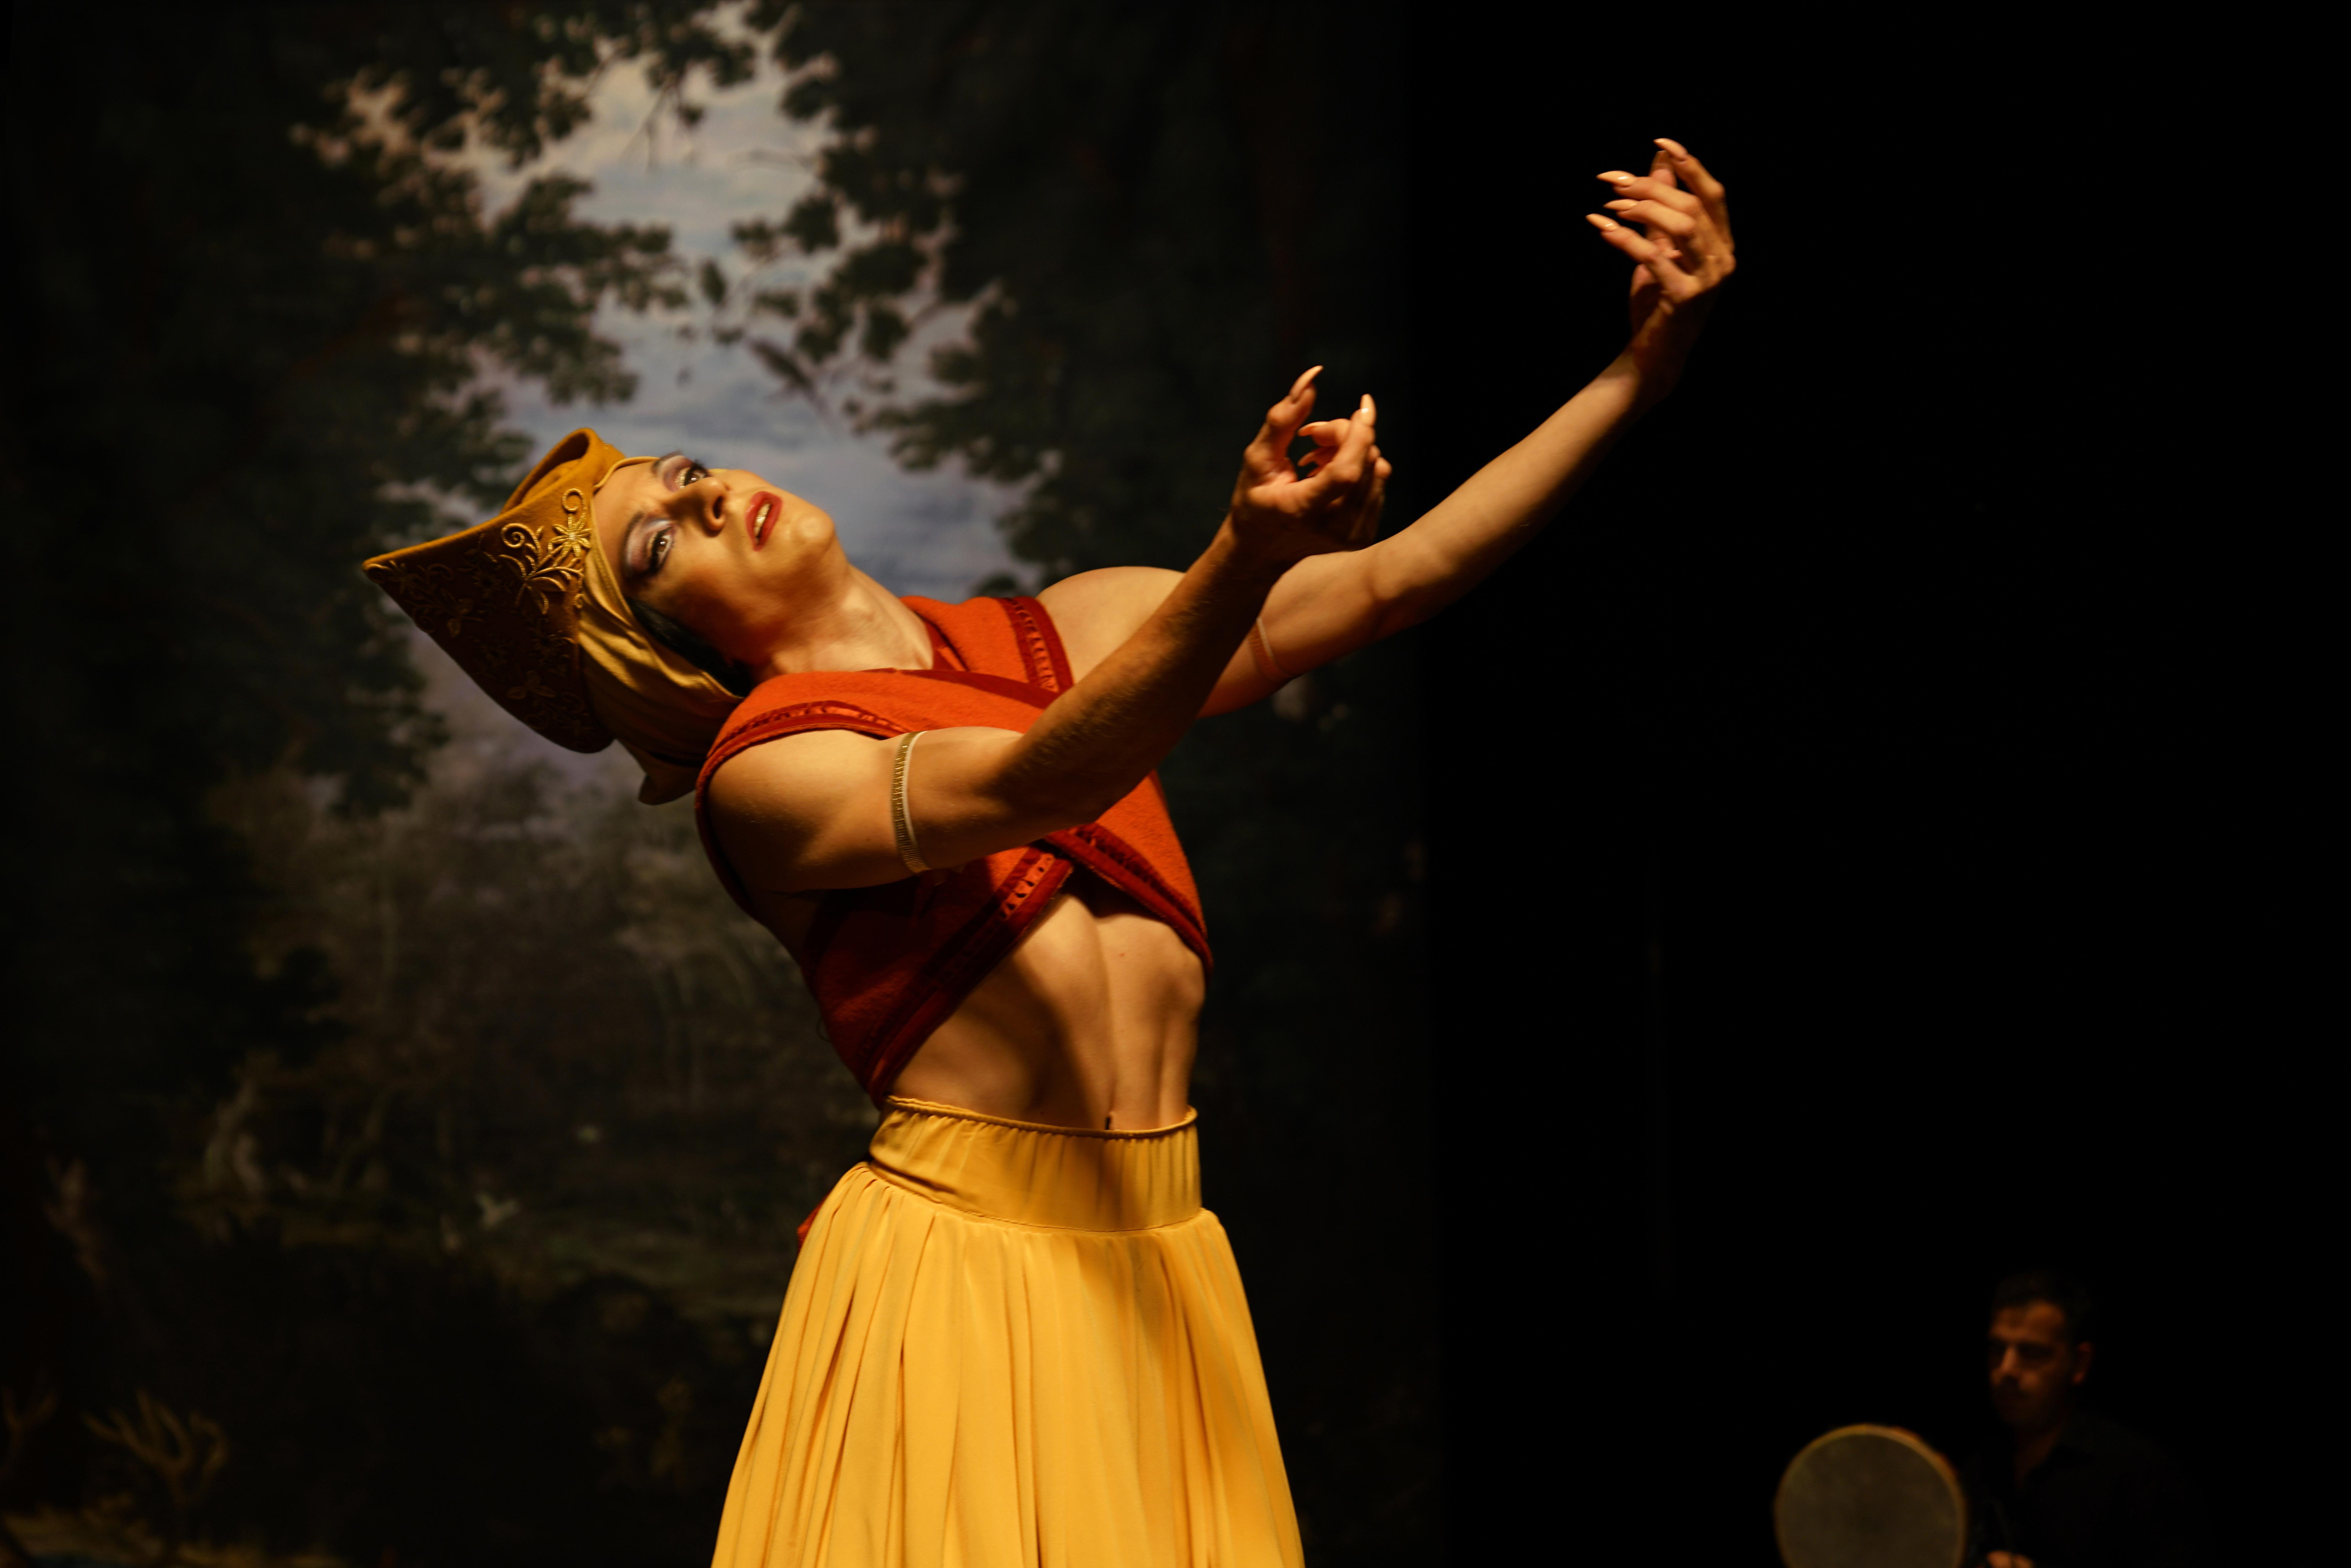 Archivé: Festival Danse Solo organisé par le CNDC d'Angers